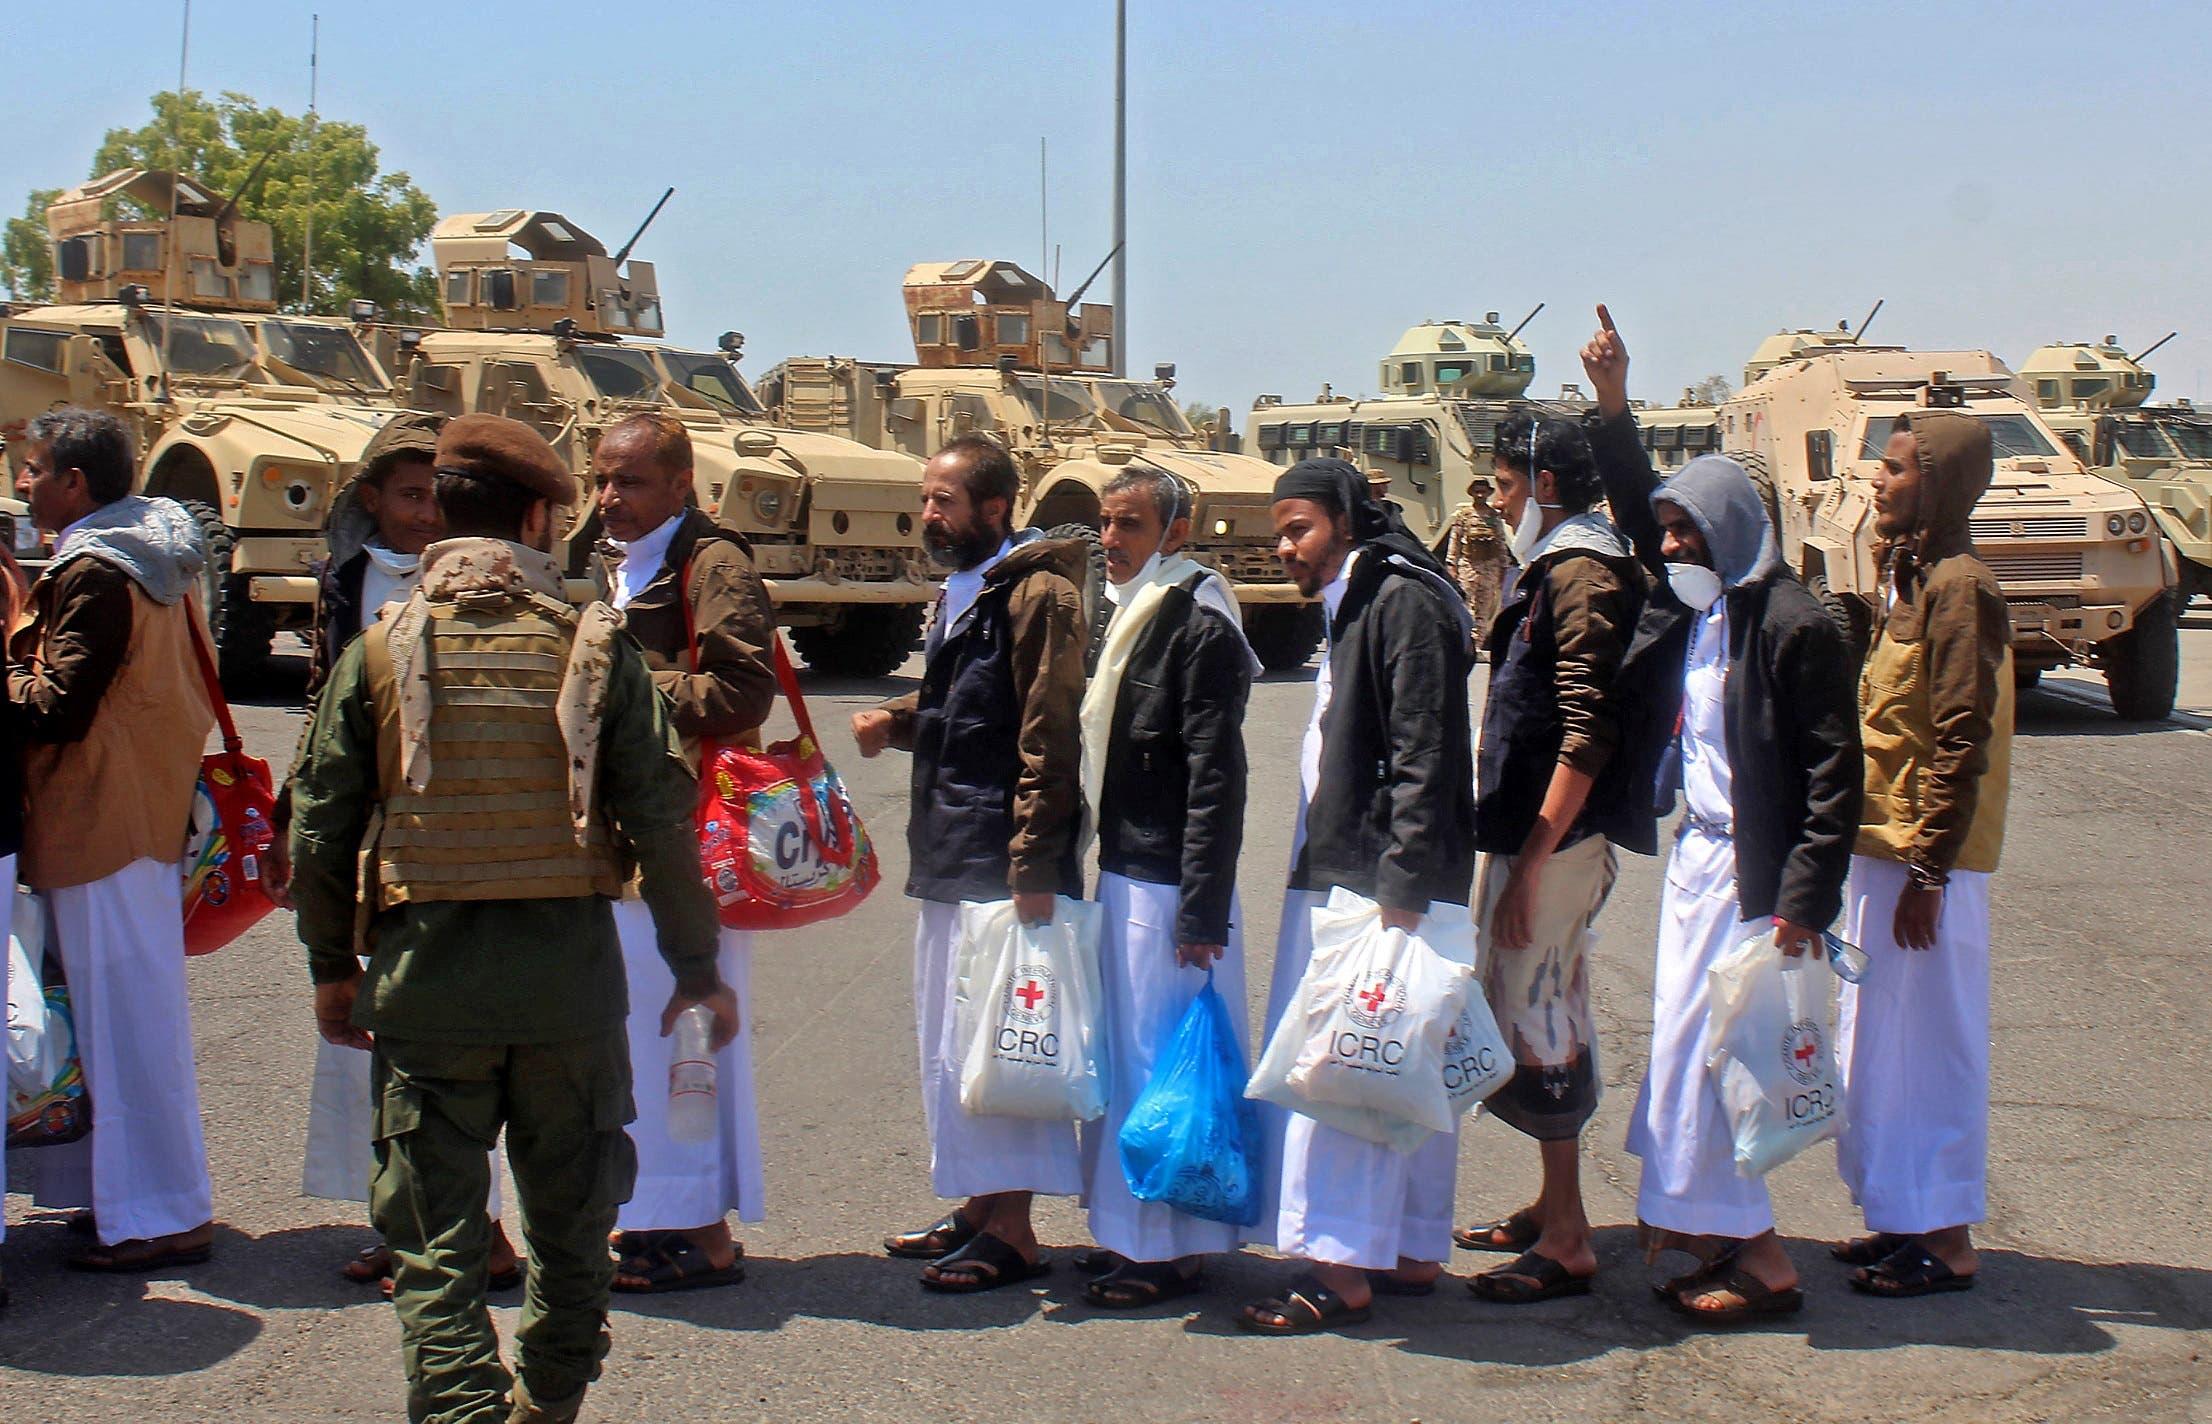 سجناء لدى الحوثيين عند إطلاق سراحهم في أكتوبر الماضي